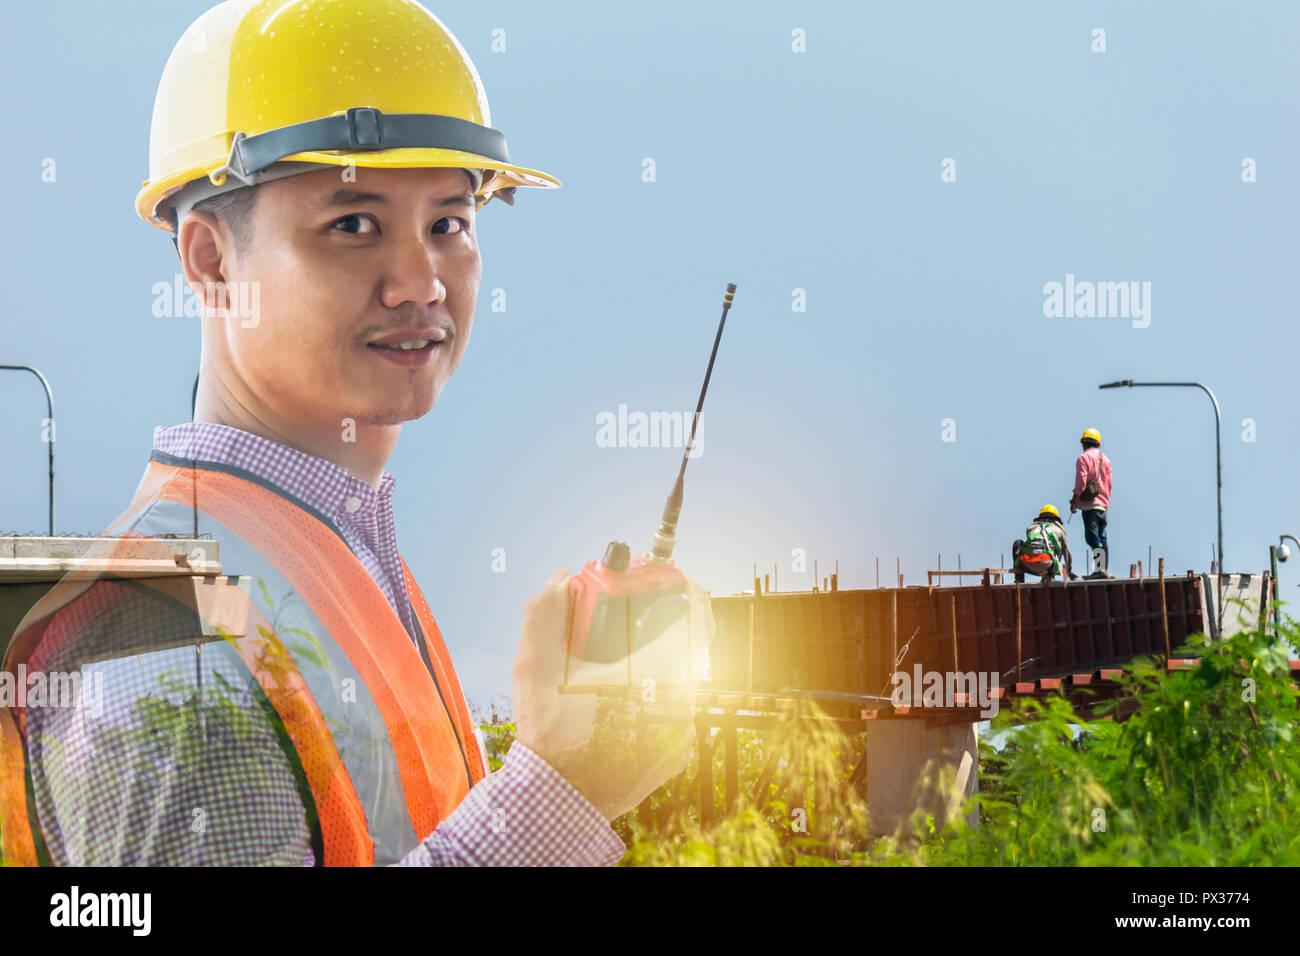 El liderazgo es muy necesaria para ser un líder, el trabajo de construcción necesita certezas, preciso, precisión, los ingenieros están en construcción, uso de control com Imagen De Stock